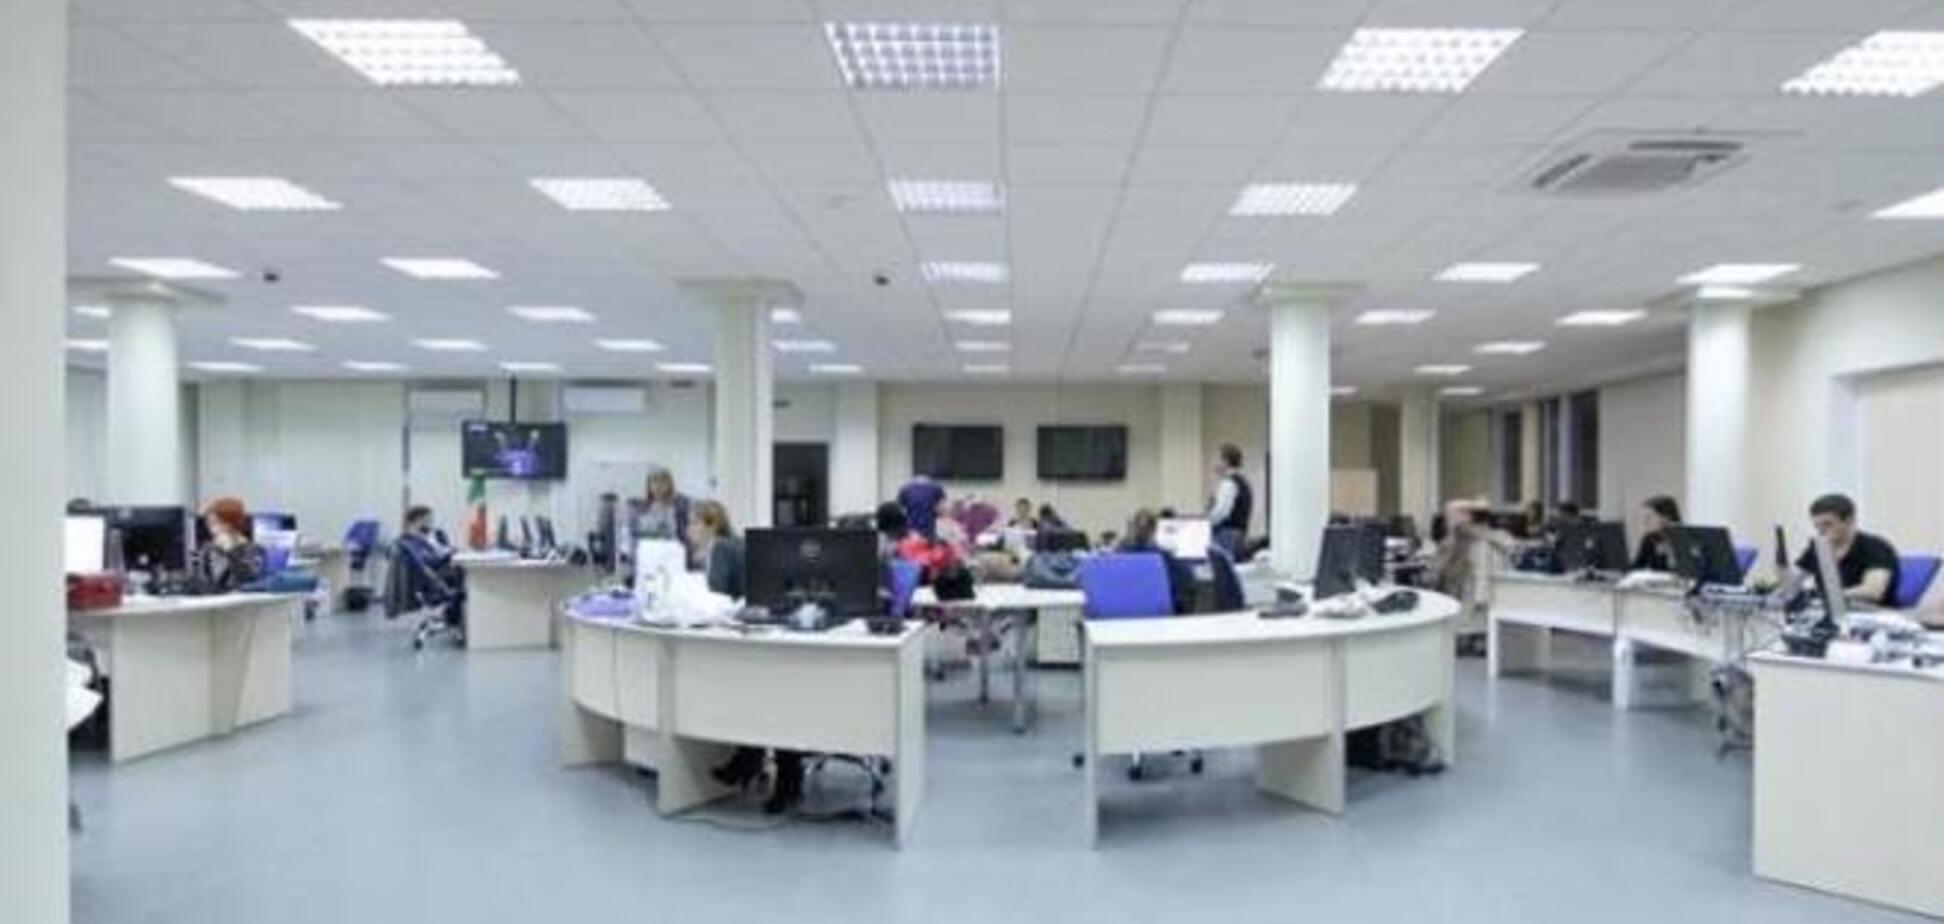 Журналистов в заблокированной редакции 'Вестей' будут держать до вечера